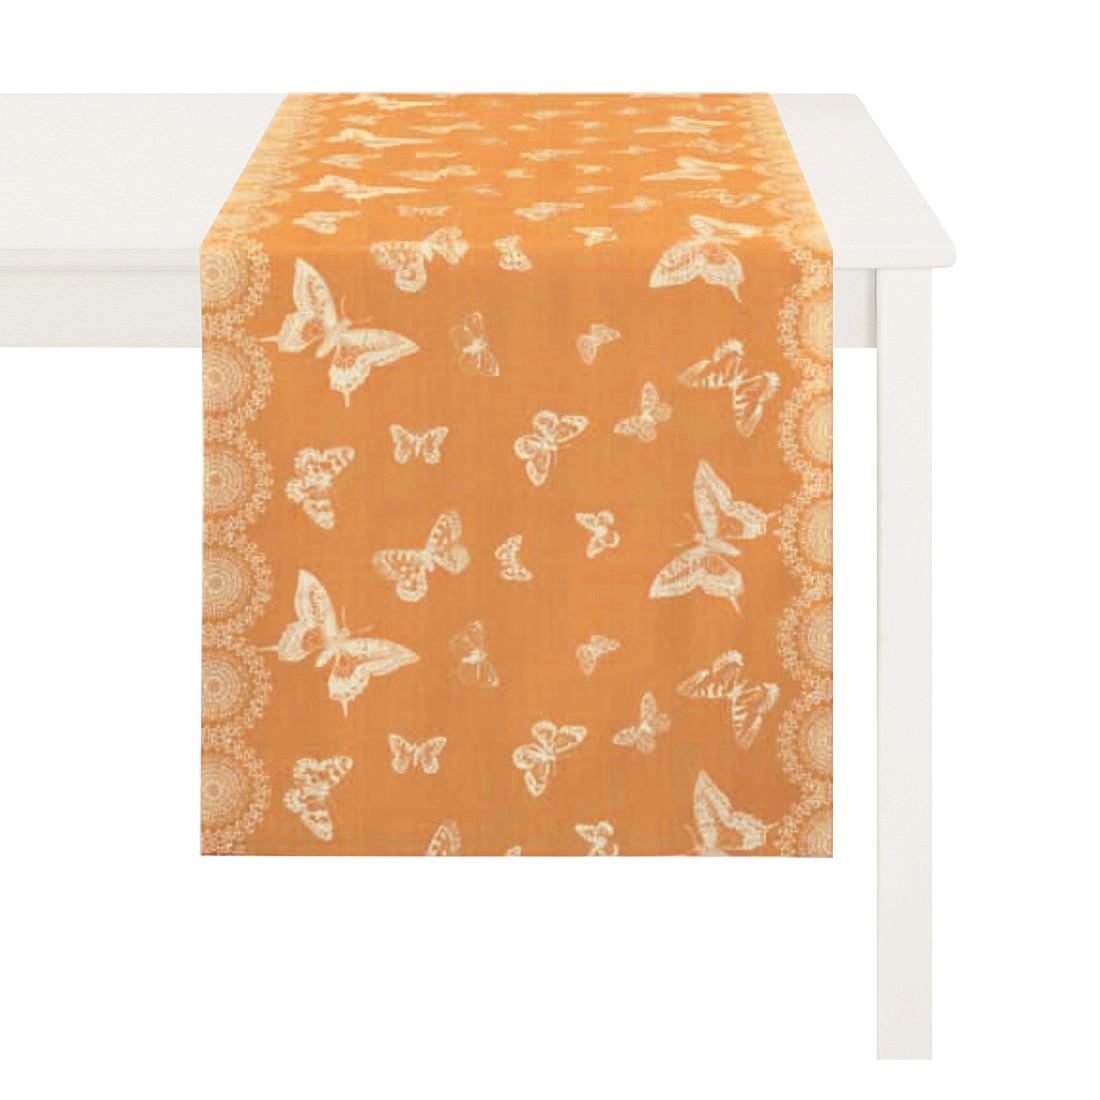 Tischläufer Butterfly – Orange, Apelt jetzt bestellen